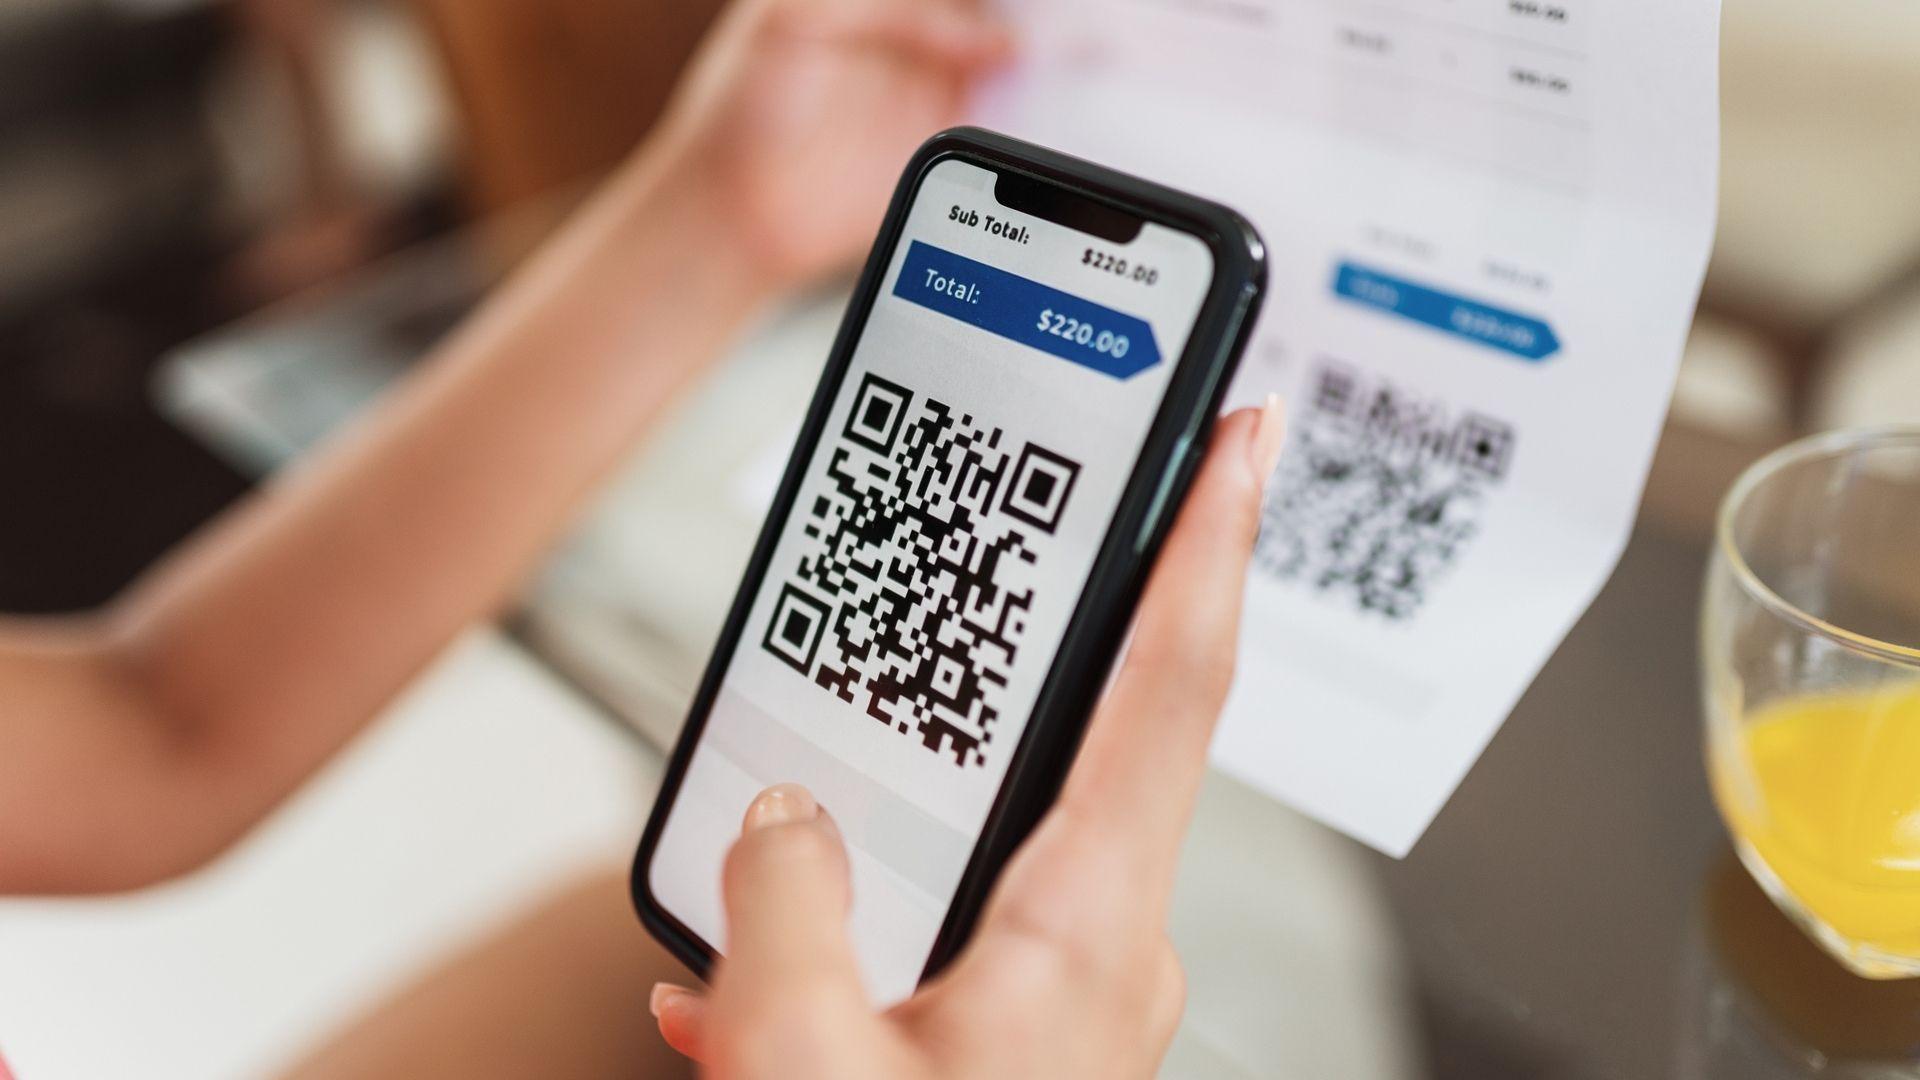 Mão segurando celular com tela do QR Code aberta